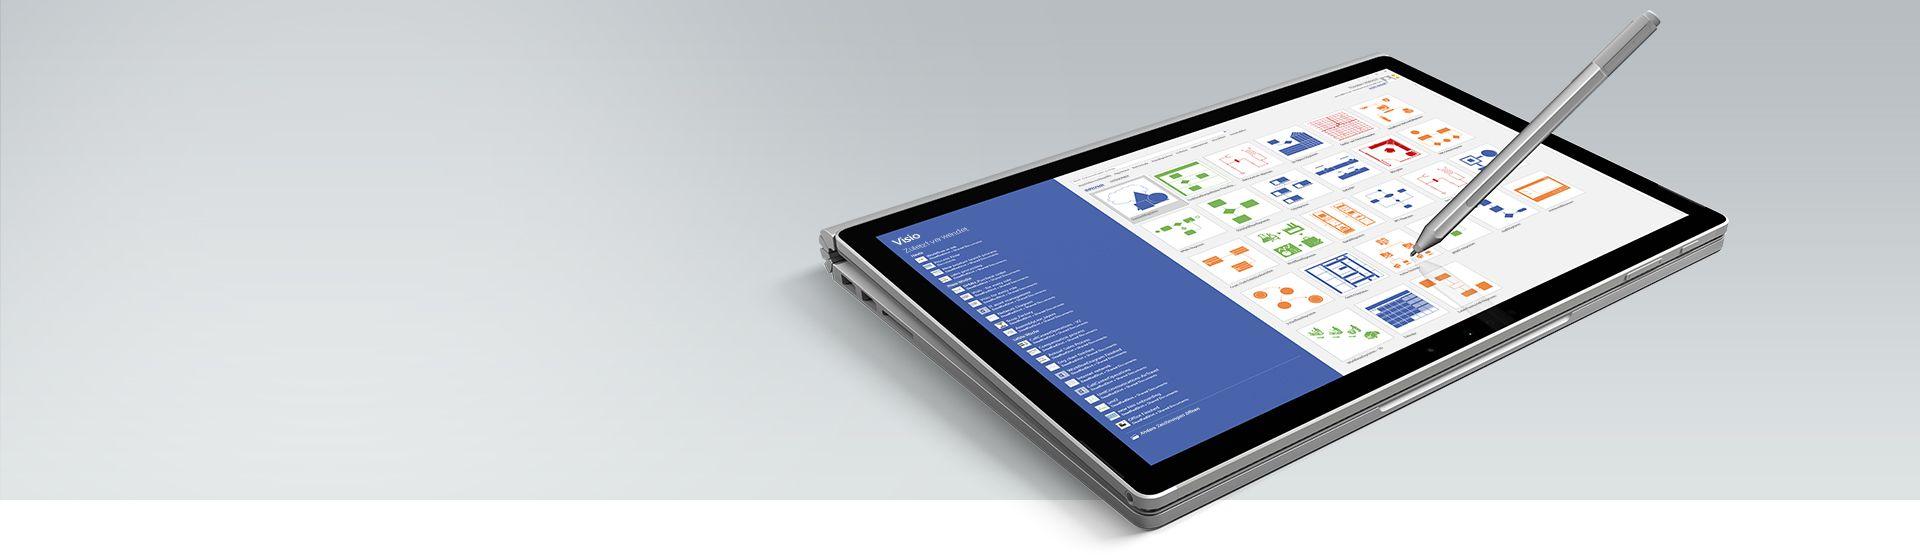 Ein Microsoft Surface-Tablet mit den verfügbaren Vorlagen und der Liste zuletzt verwendeter Dateien in Visio